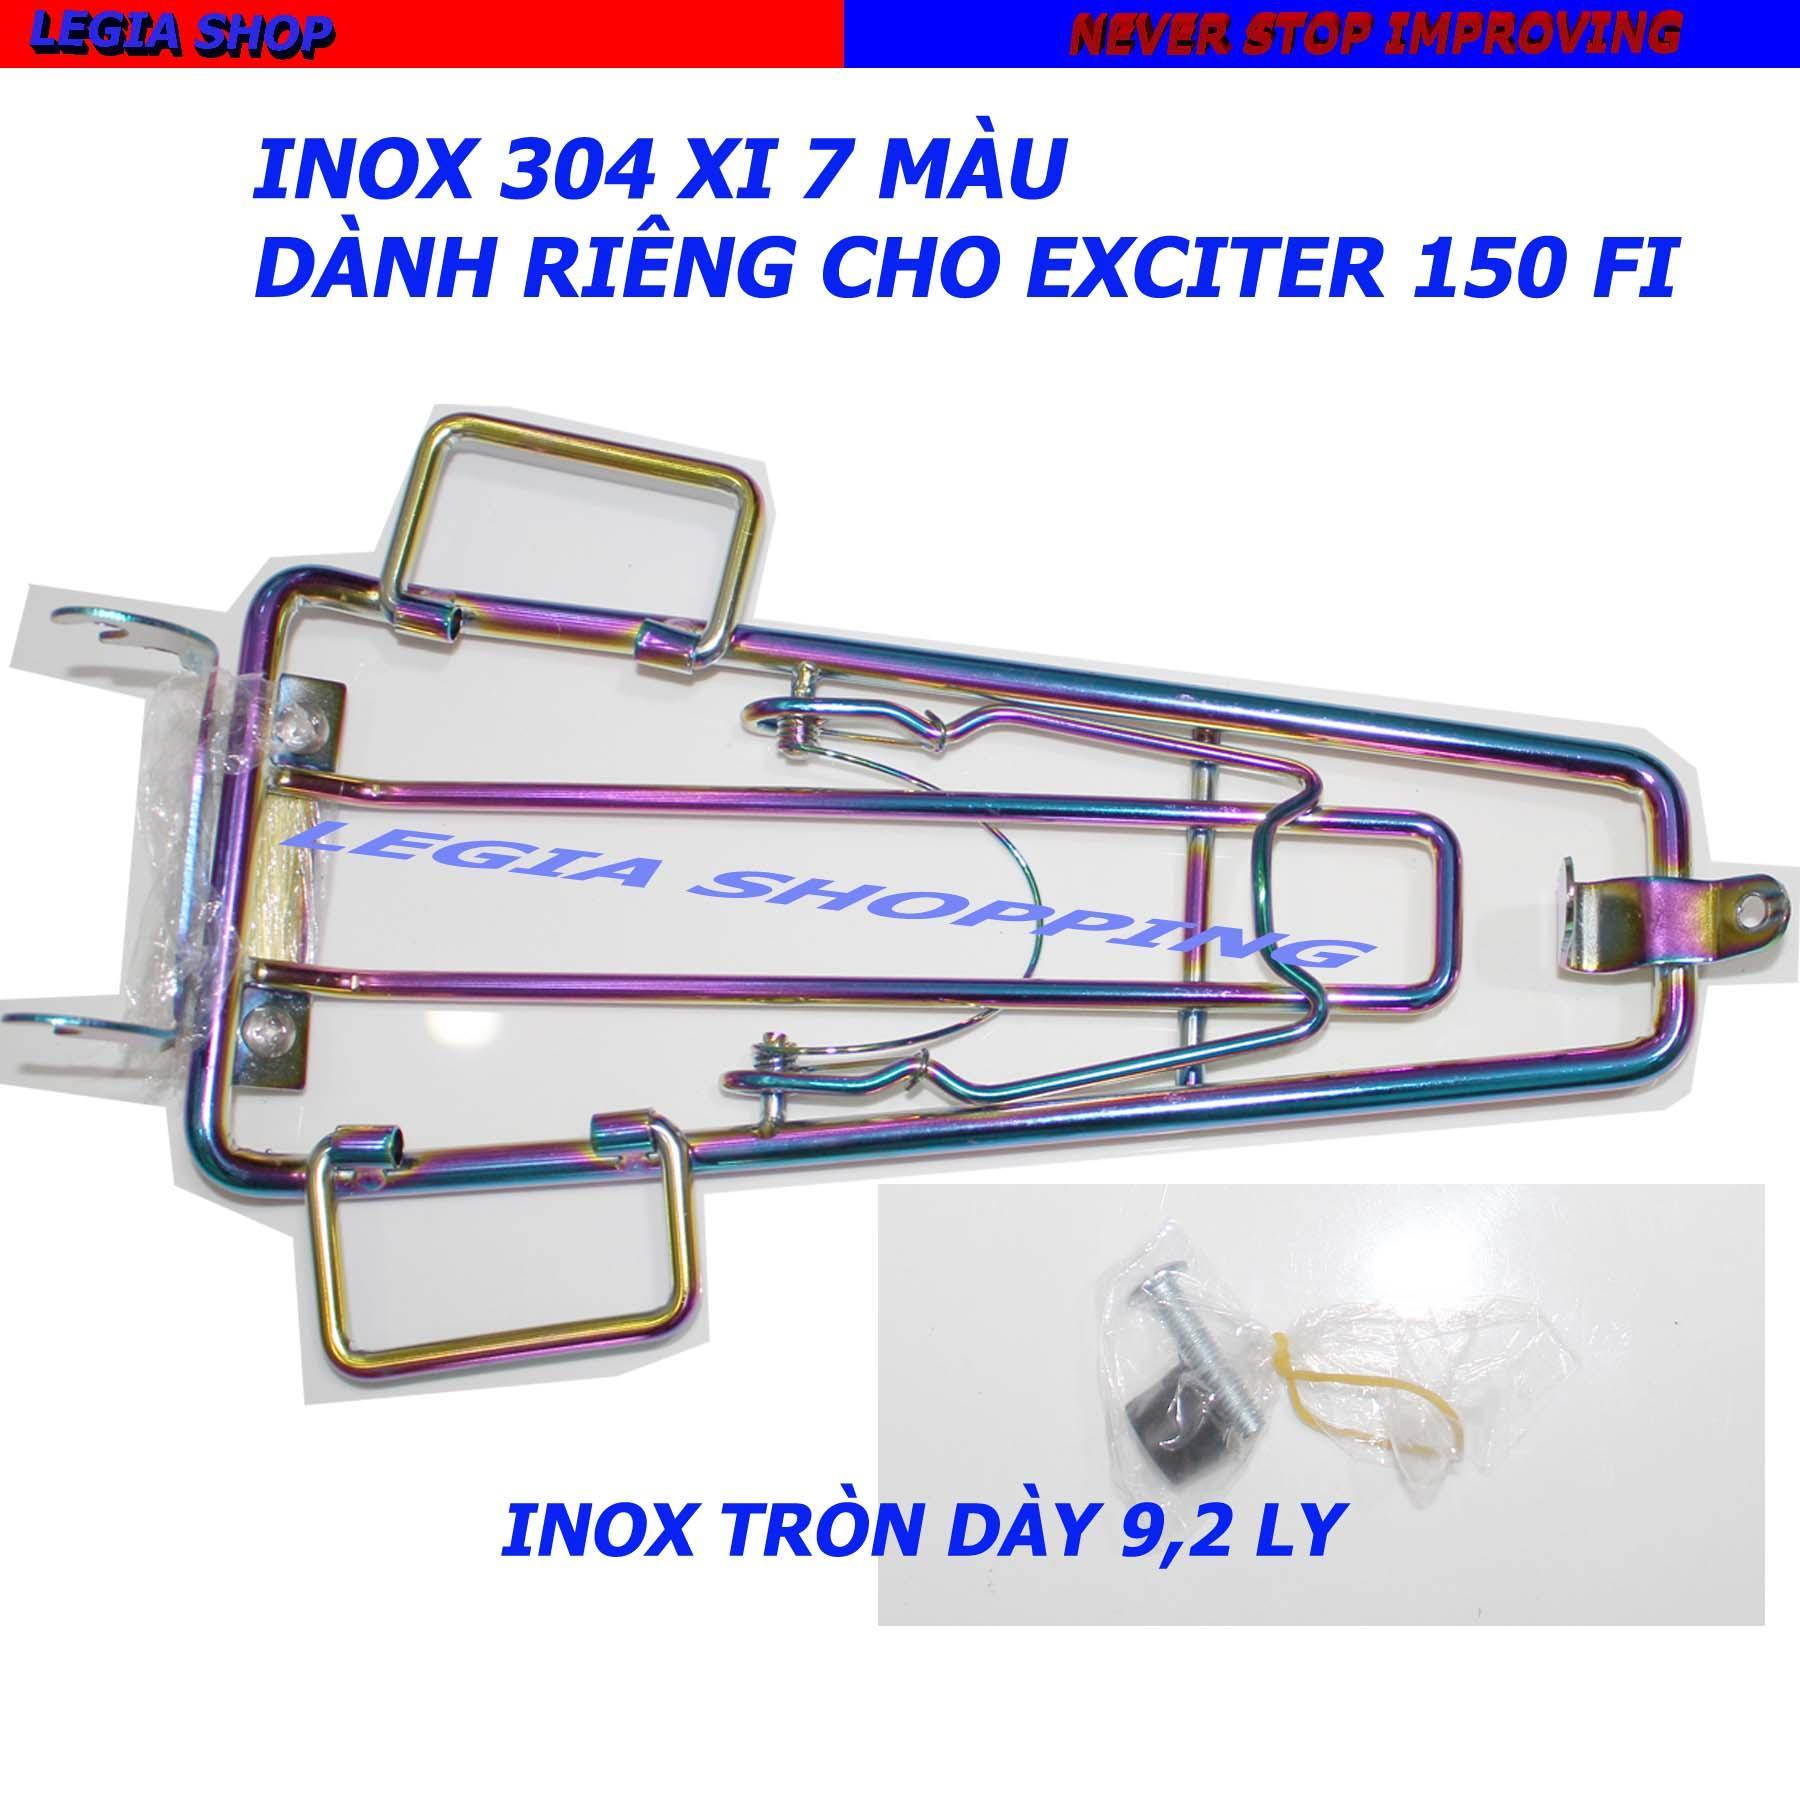 Bán Mua Baga Inox Xi 7 Mau Gắn Xe Yamaha Exciter 150 Loại 10 Ly